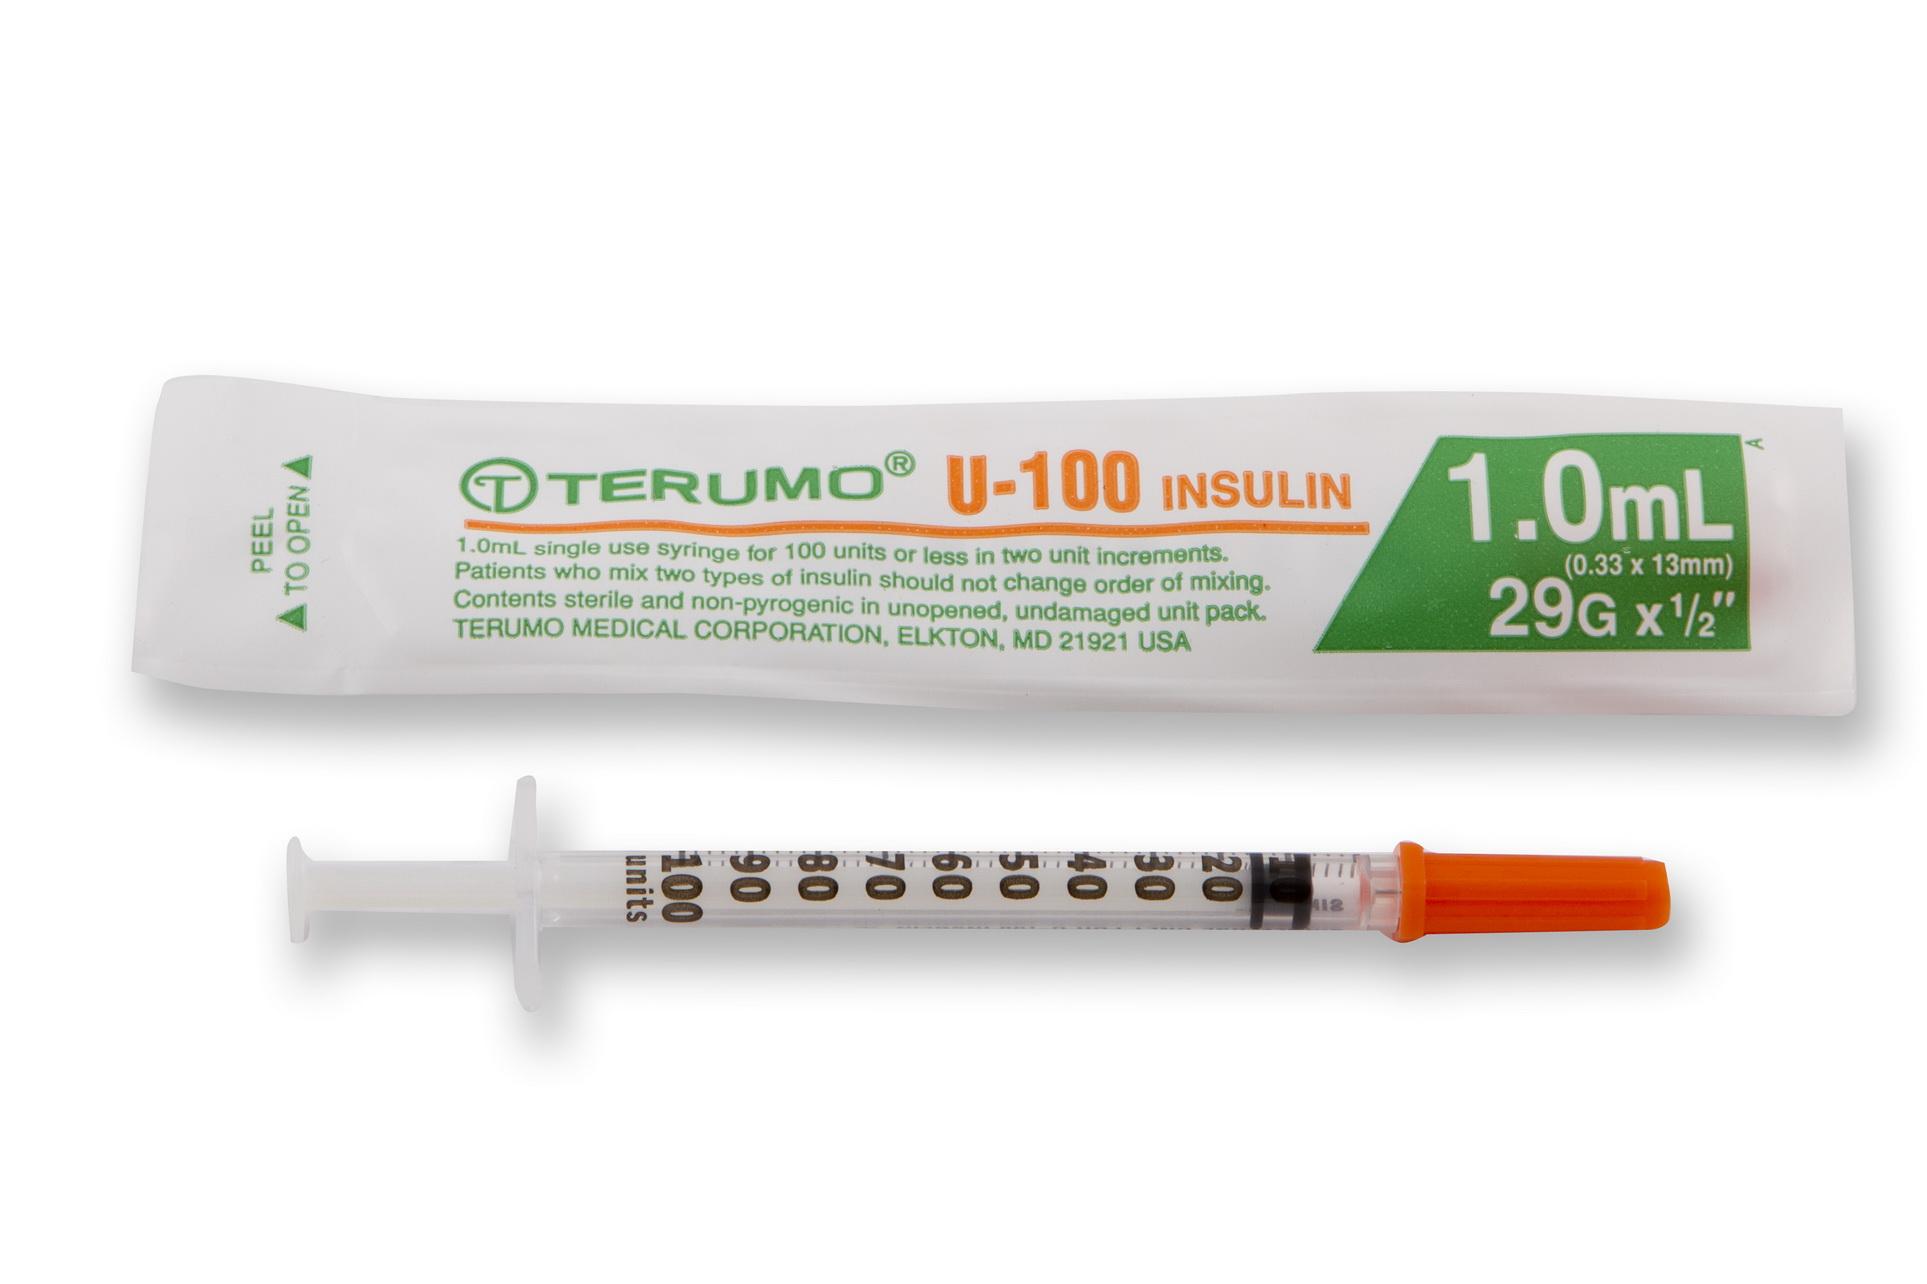 Terumo 29G 1.0ml Insulin syringe